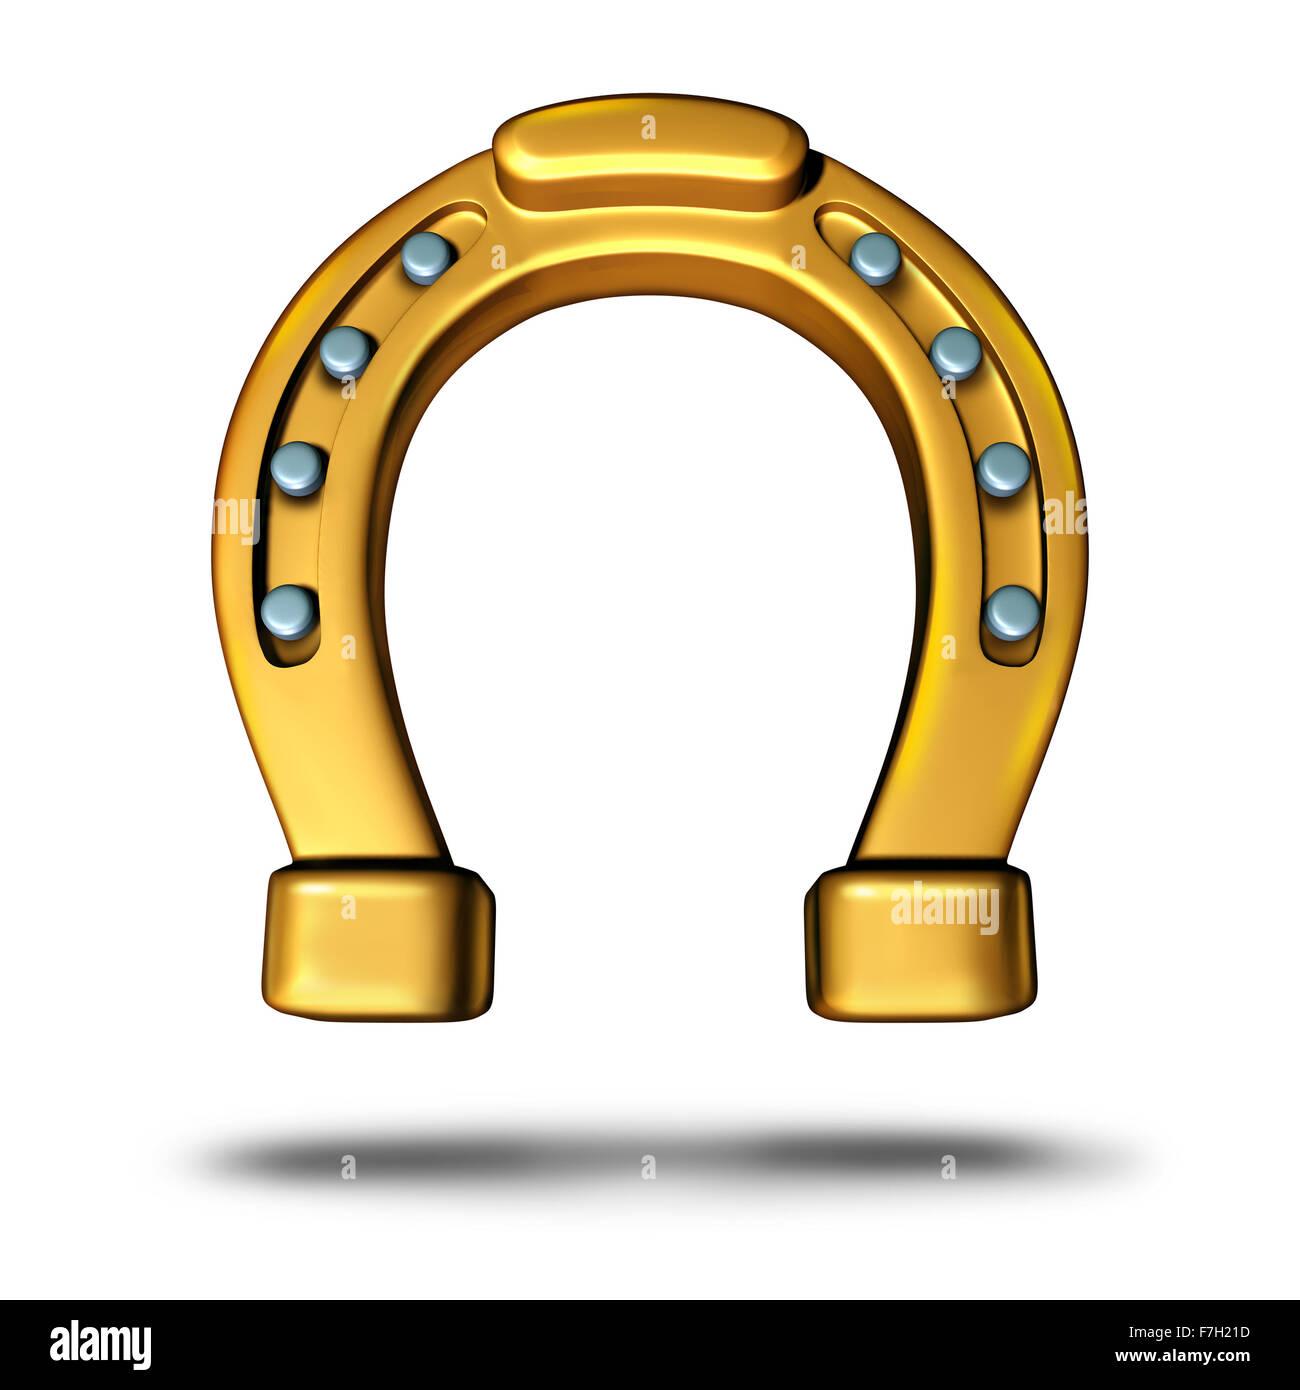 Hufeisen-Symbol oder Pferd Schuh-Symbol als Glücksbringer als goldene Metall Objekt als Metapher für Reichtum Stockbild